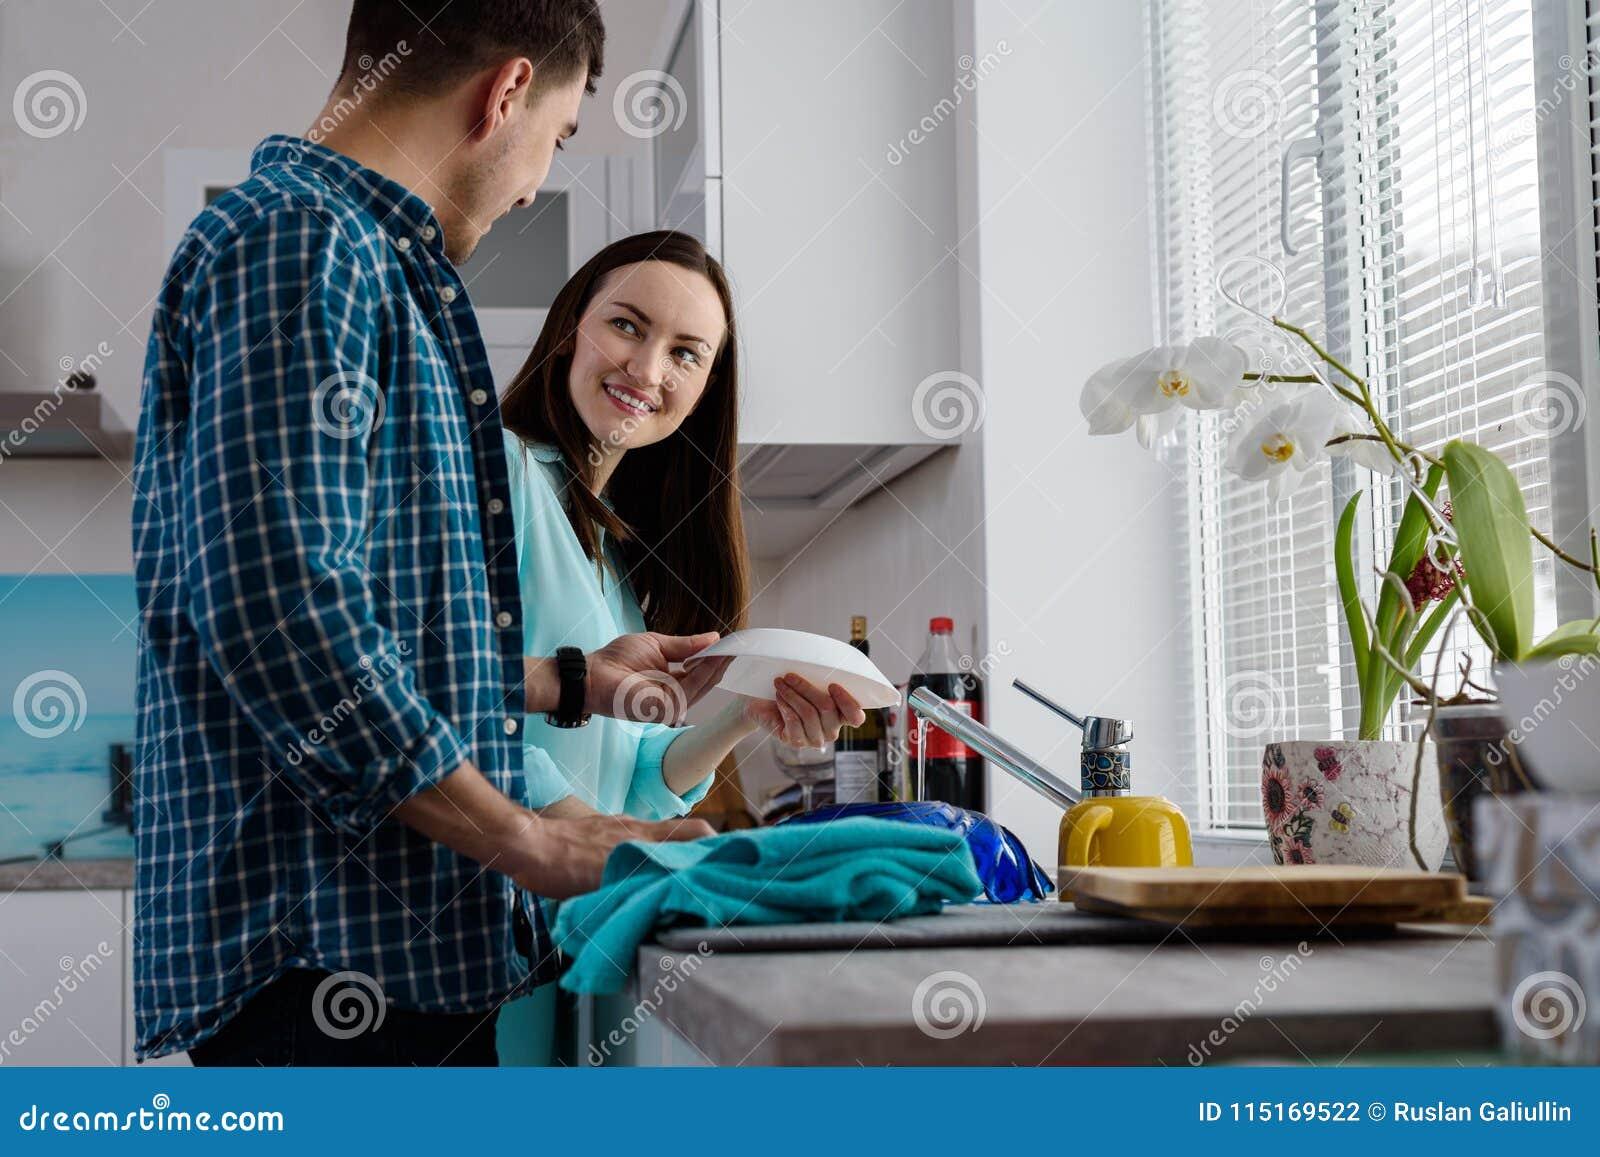 Um par novo na cozinha junto para lavar e limpar os pratos, uma vista inferior e uma vista lateral, a alegria da vida familiar